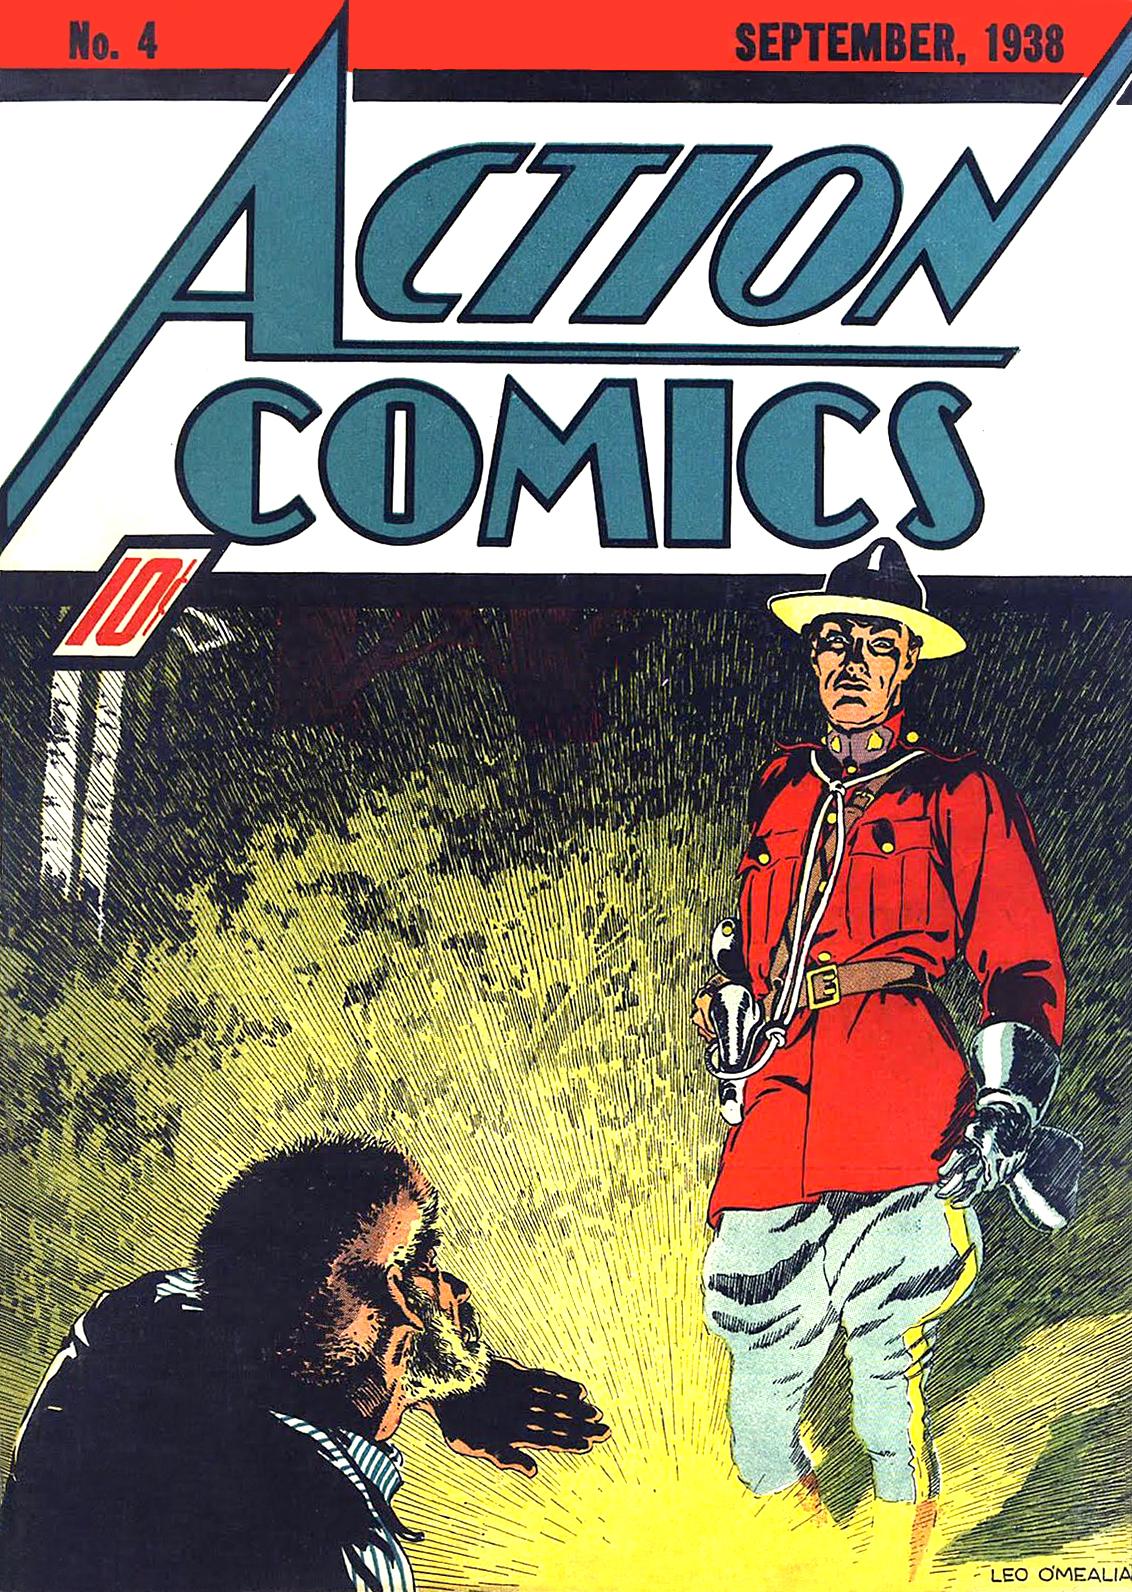 Action Comics Vol 1 4